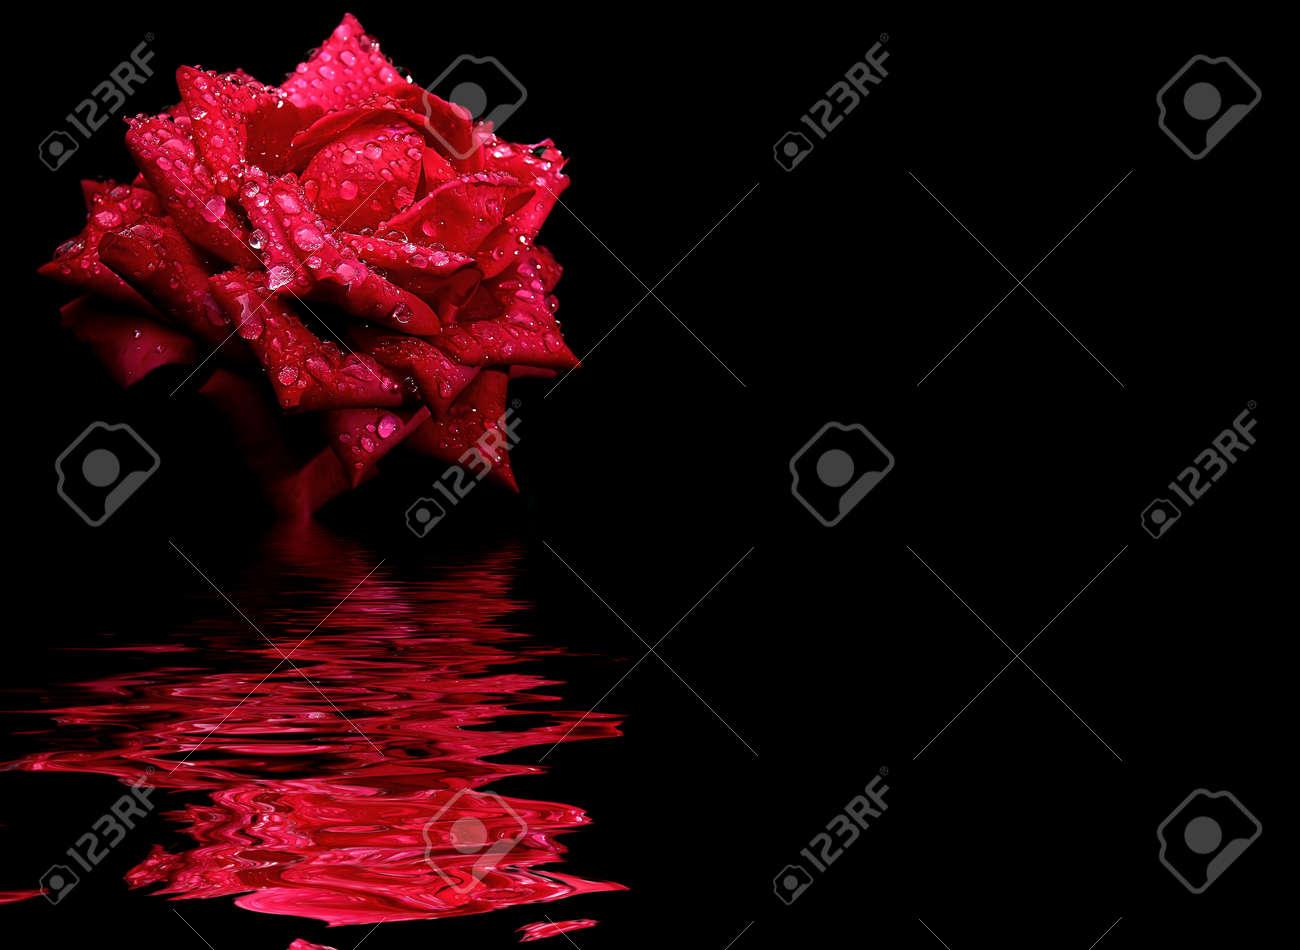 Immagini Stock Priorità Bassa Floreale Fiore Rosa Rosso Isolato